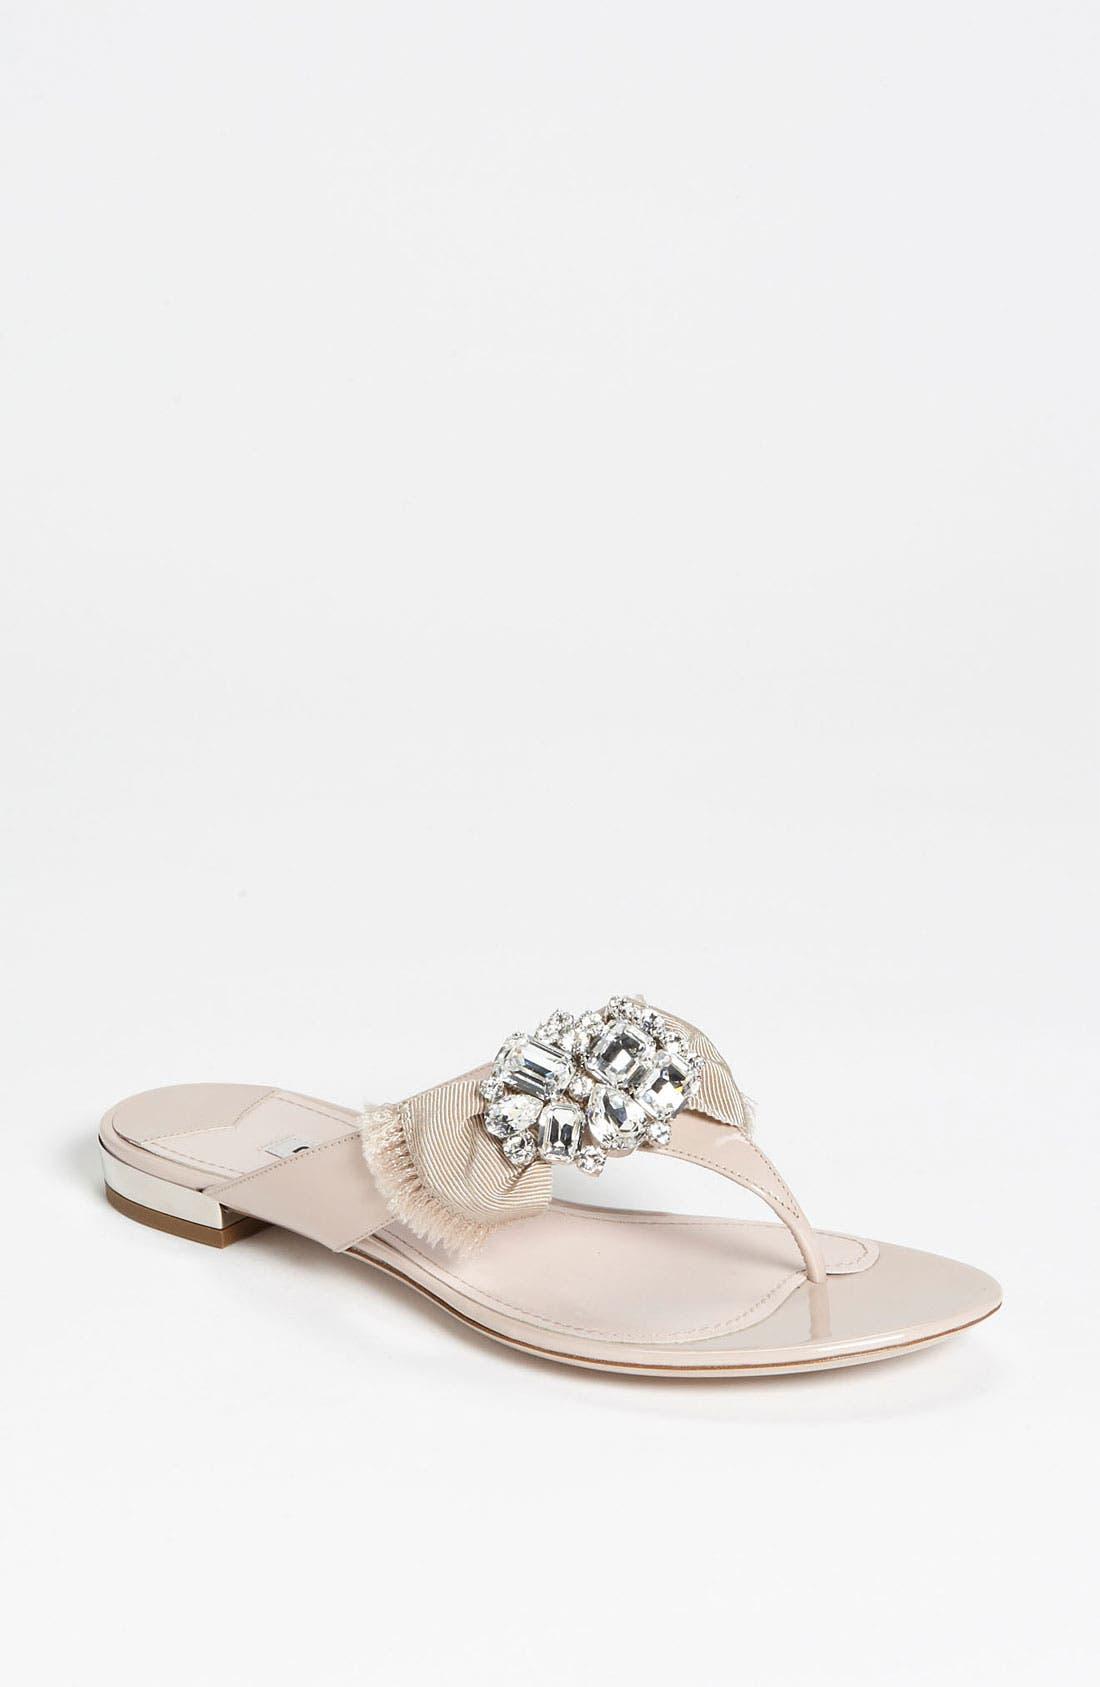 Main Image - Miu Miu Crystal Bow Thong Sandal